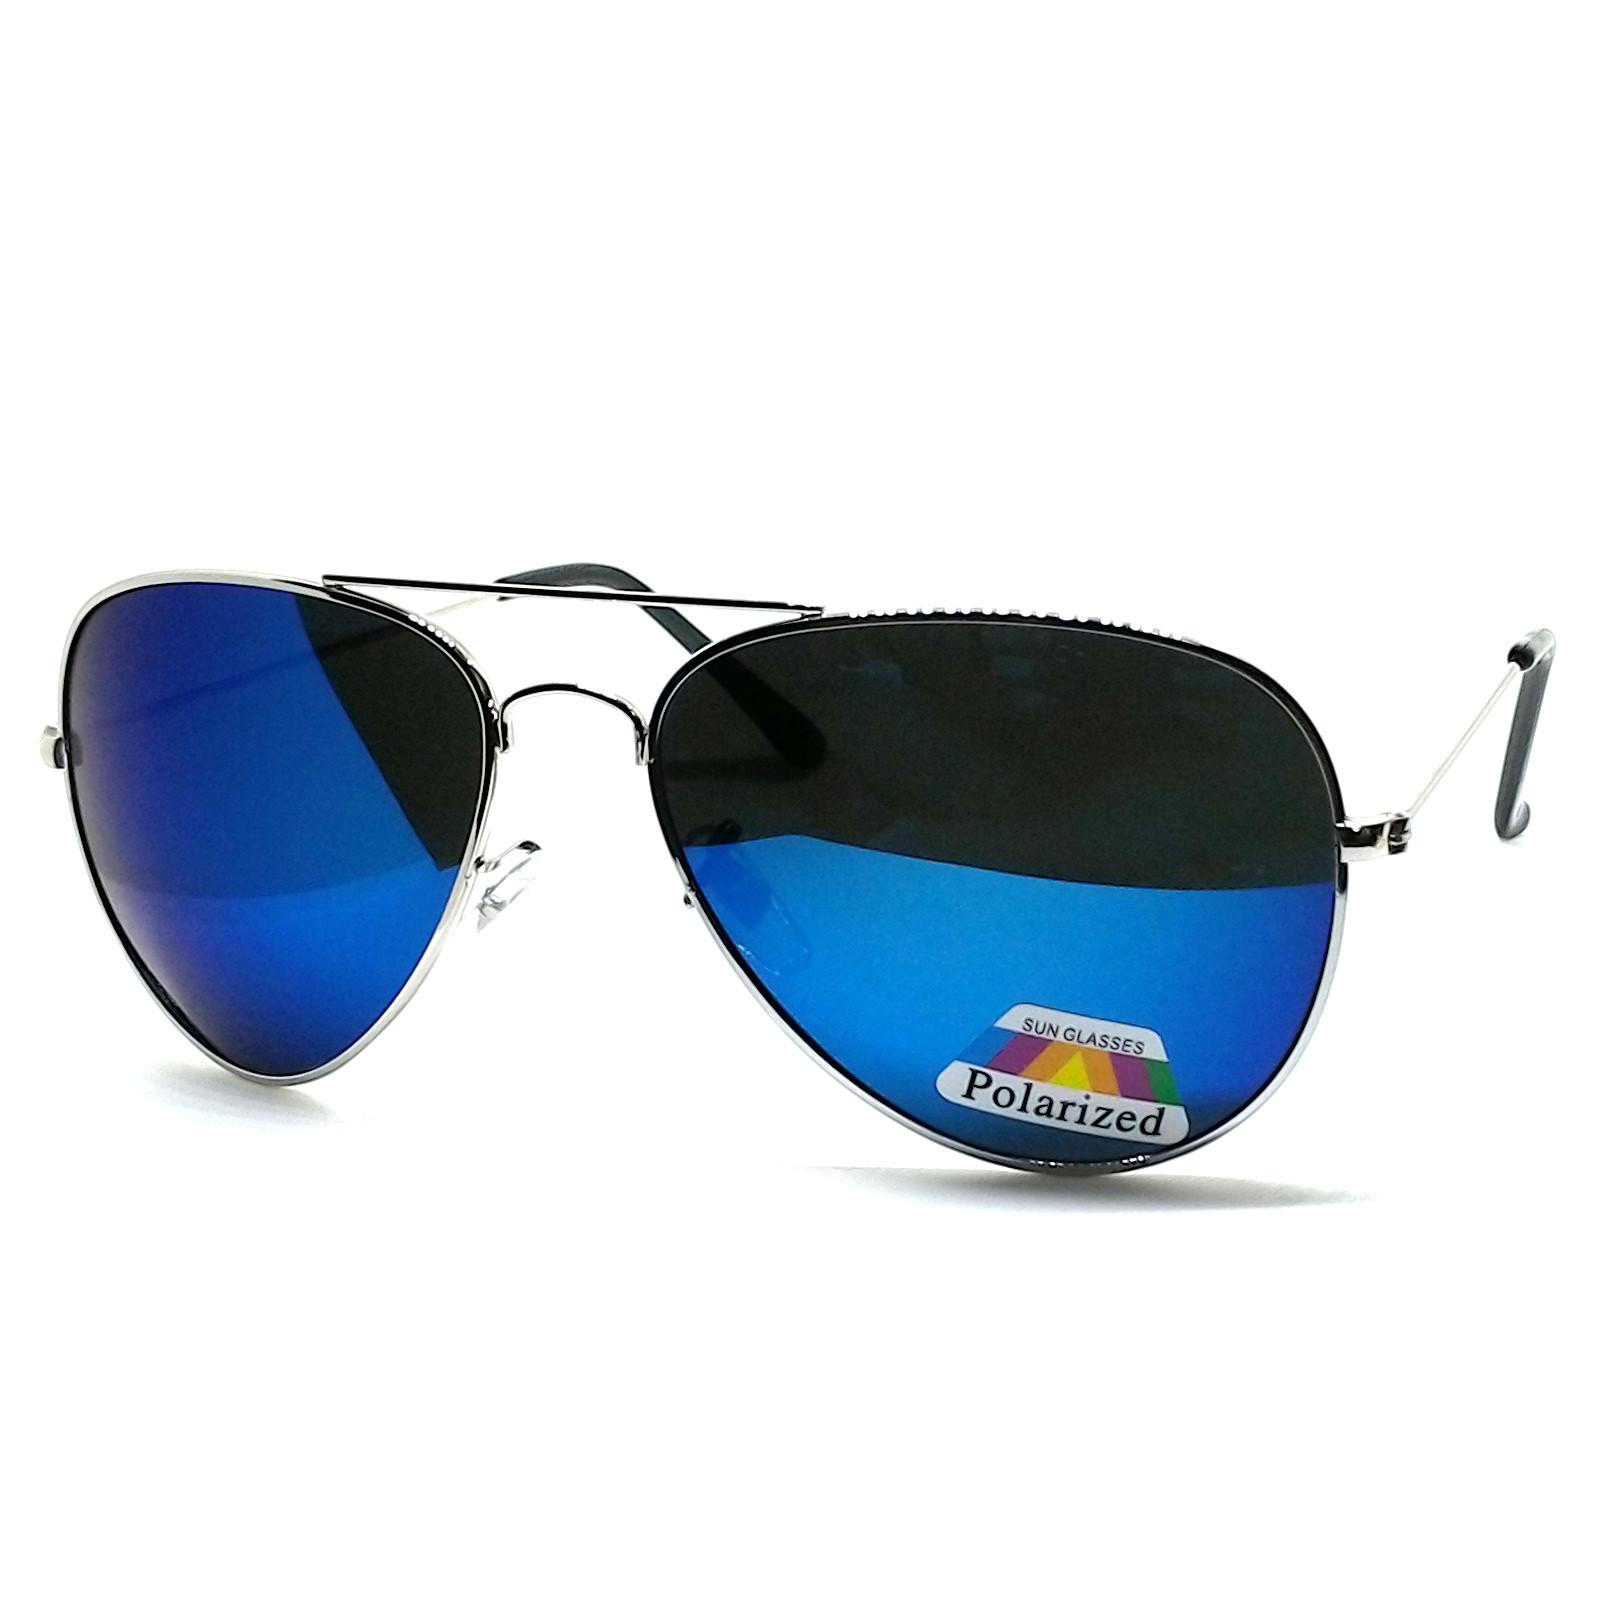 แว่นกันแดด โพลาไรซ์ ทรง Aviator กรอบสีเงิน เลนส์ ปรอทสีฟ้าคราม พร้อมกล่องสปริงผ้ายีนส์